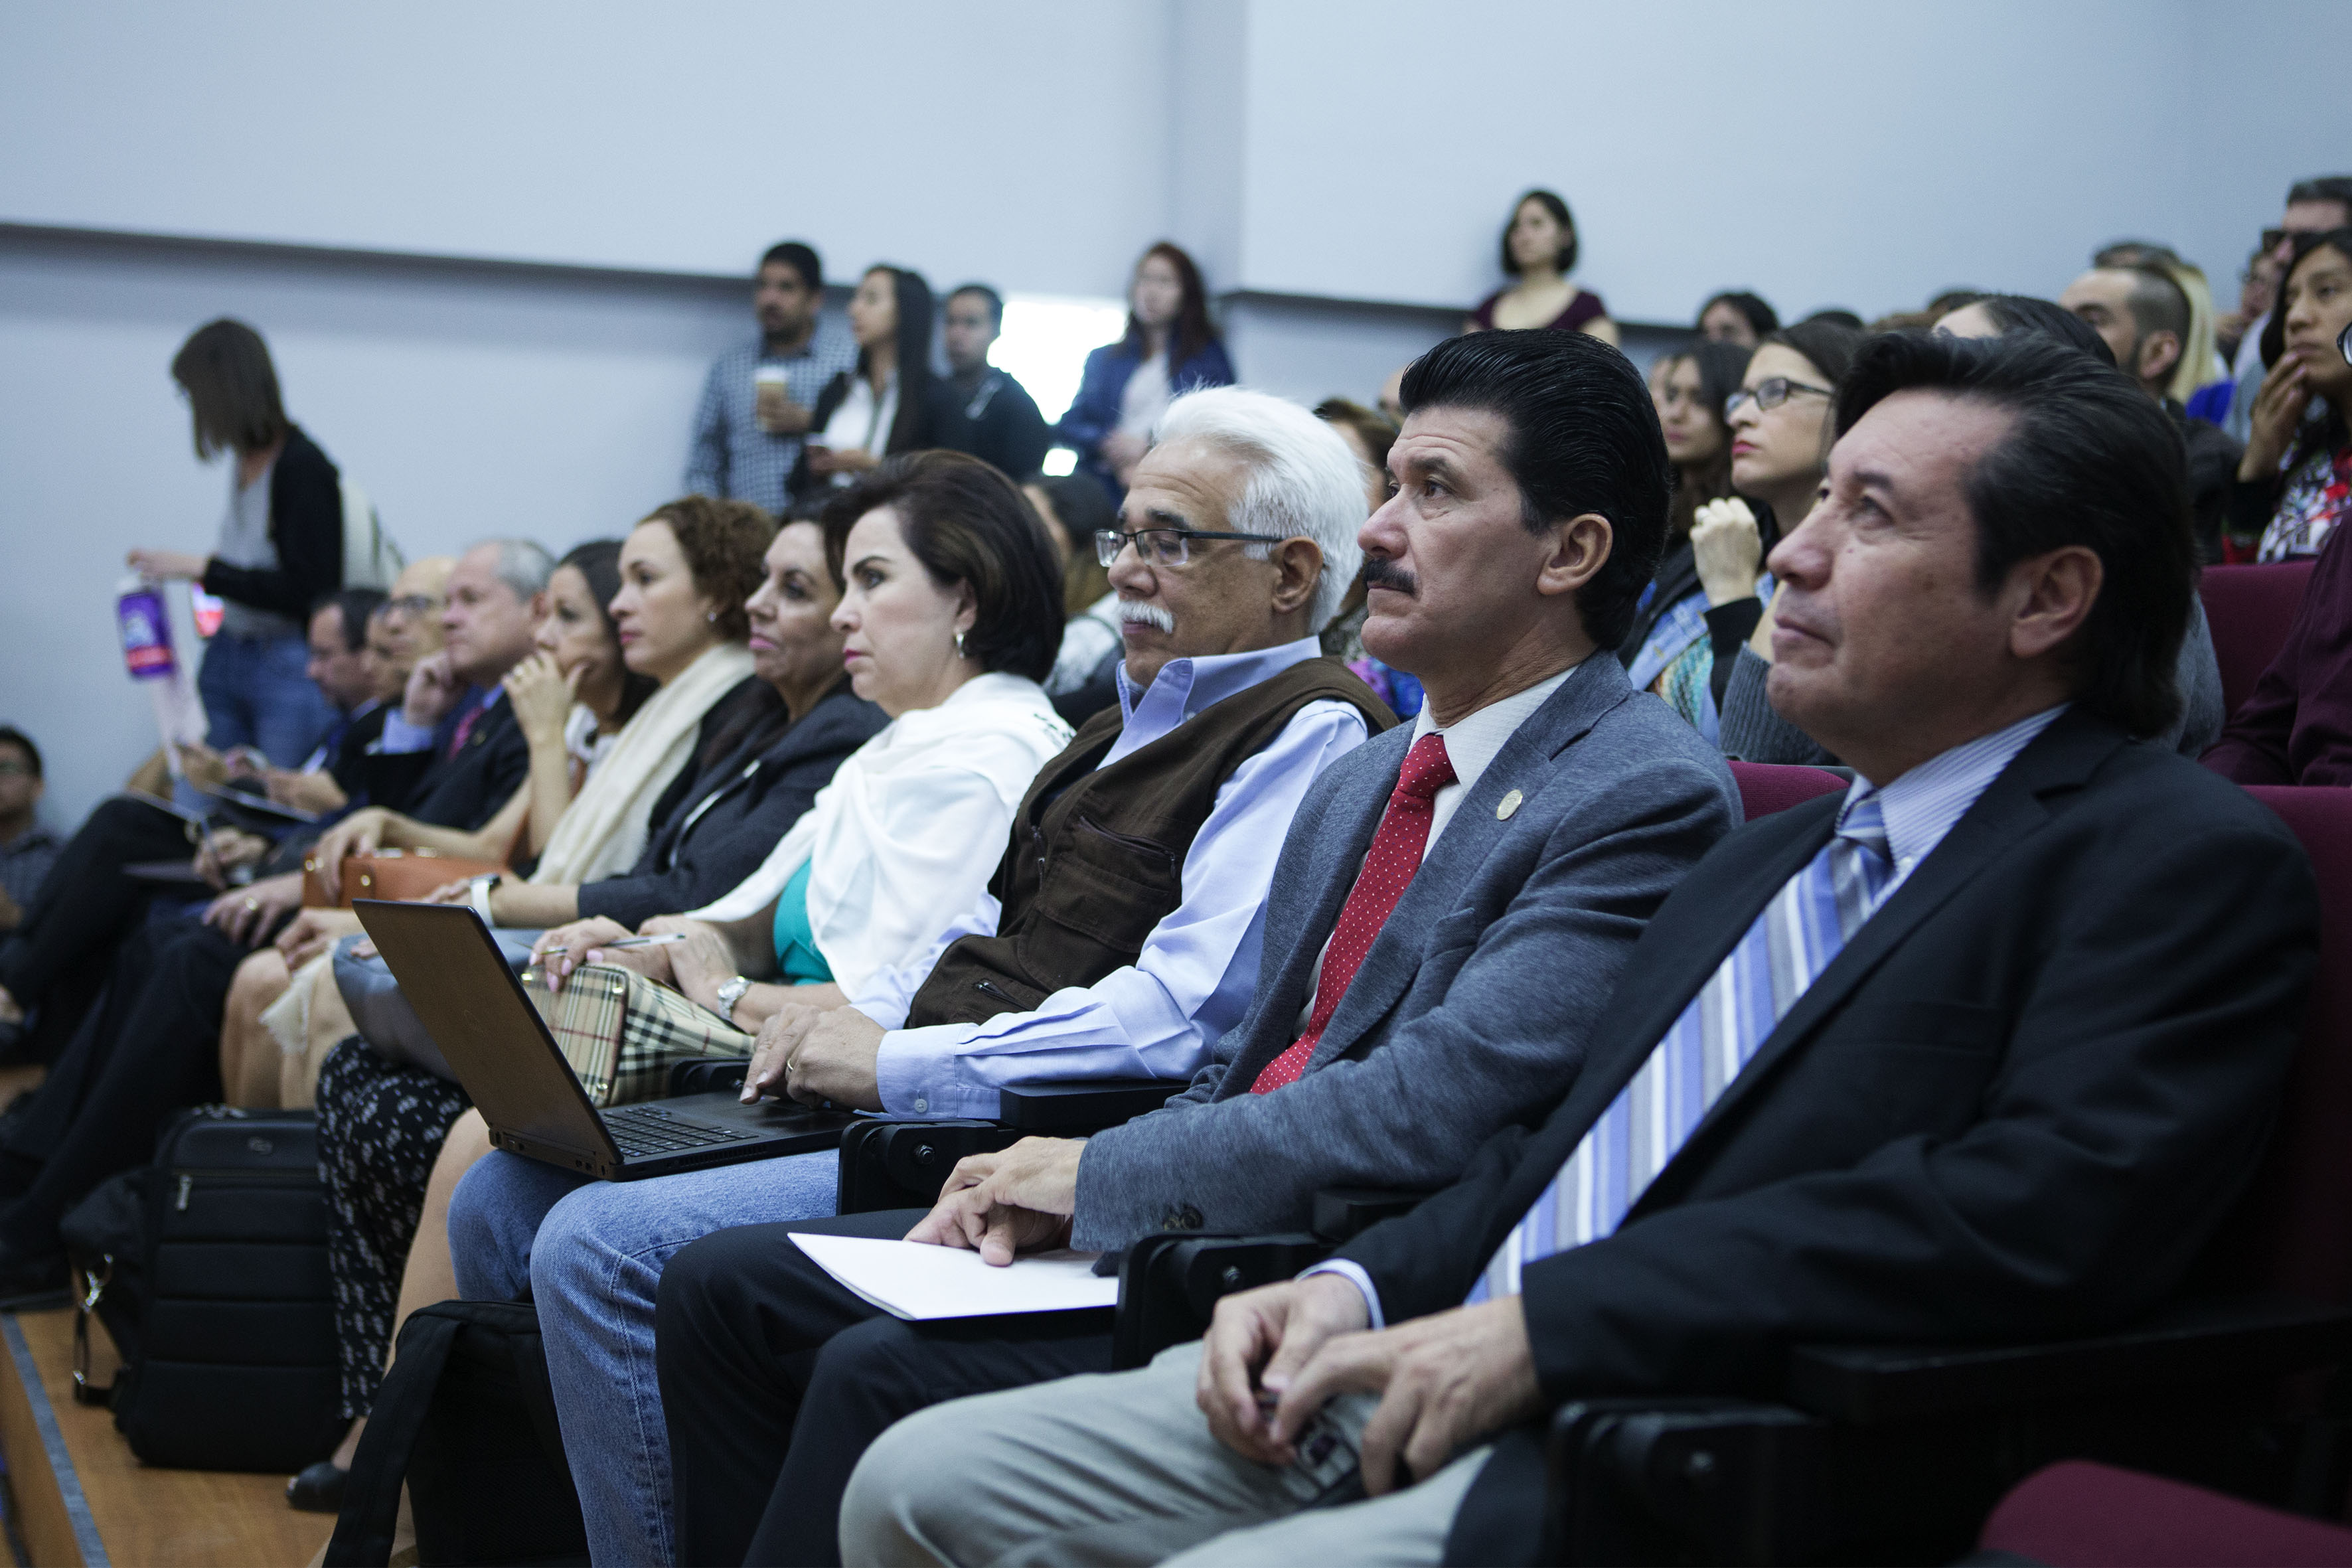 Rector del Centro Universitario de Arte, Arquitectura y Diseño (CUAAD), Maestro Ernesto Flores Gallo y autoridades del mismo centro universitario, asistentes a la charla.